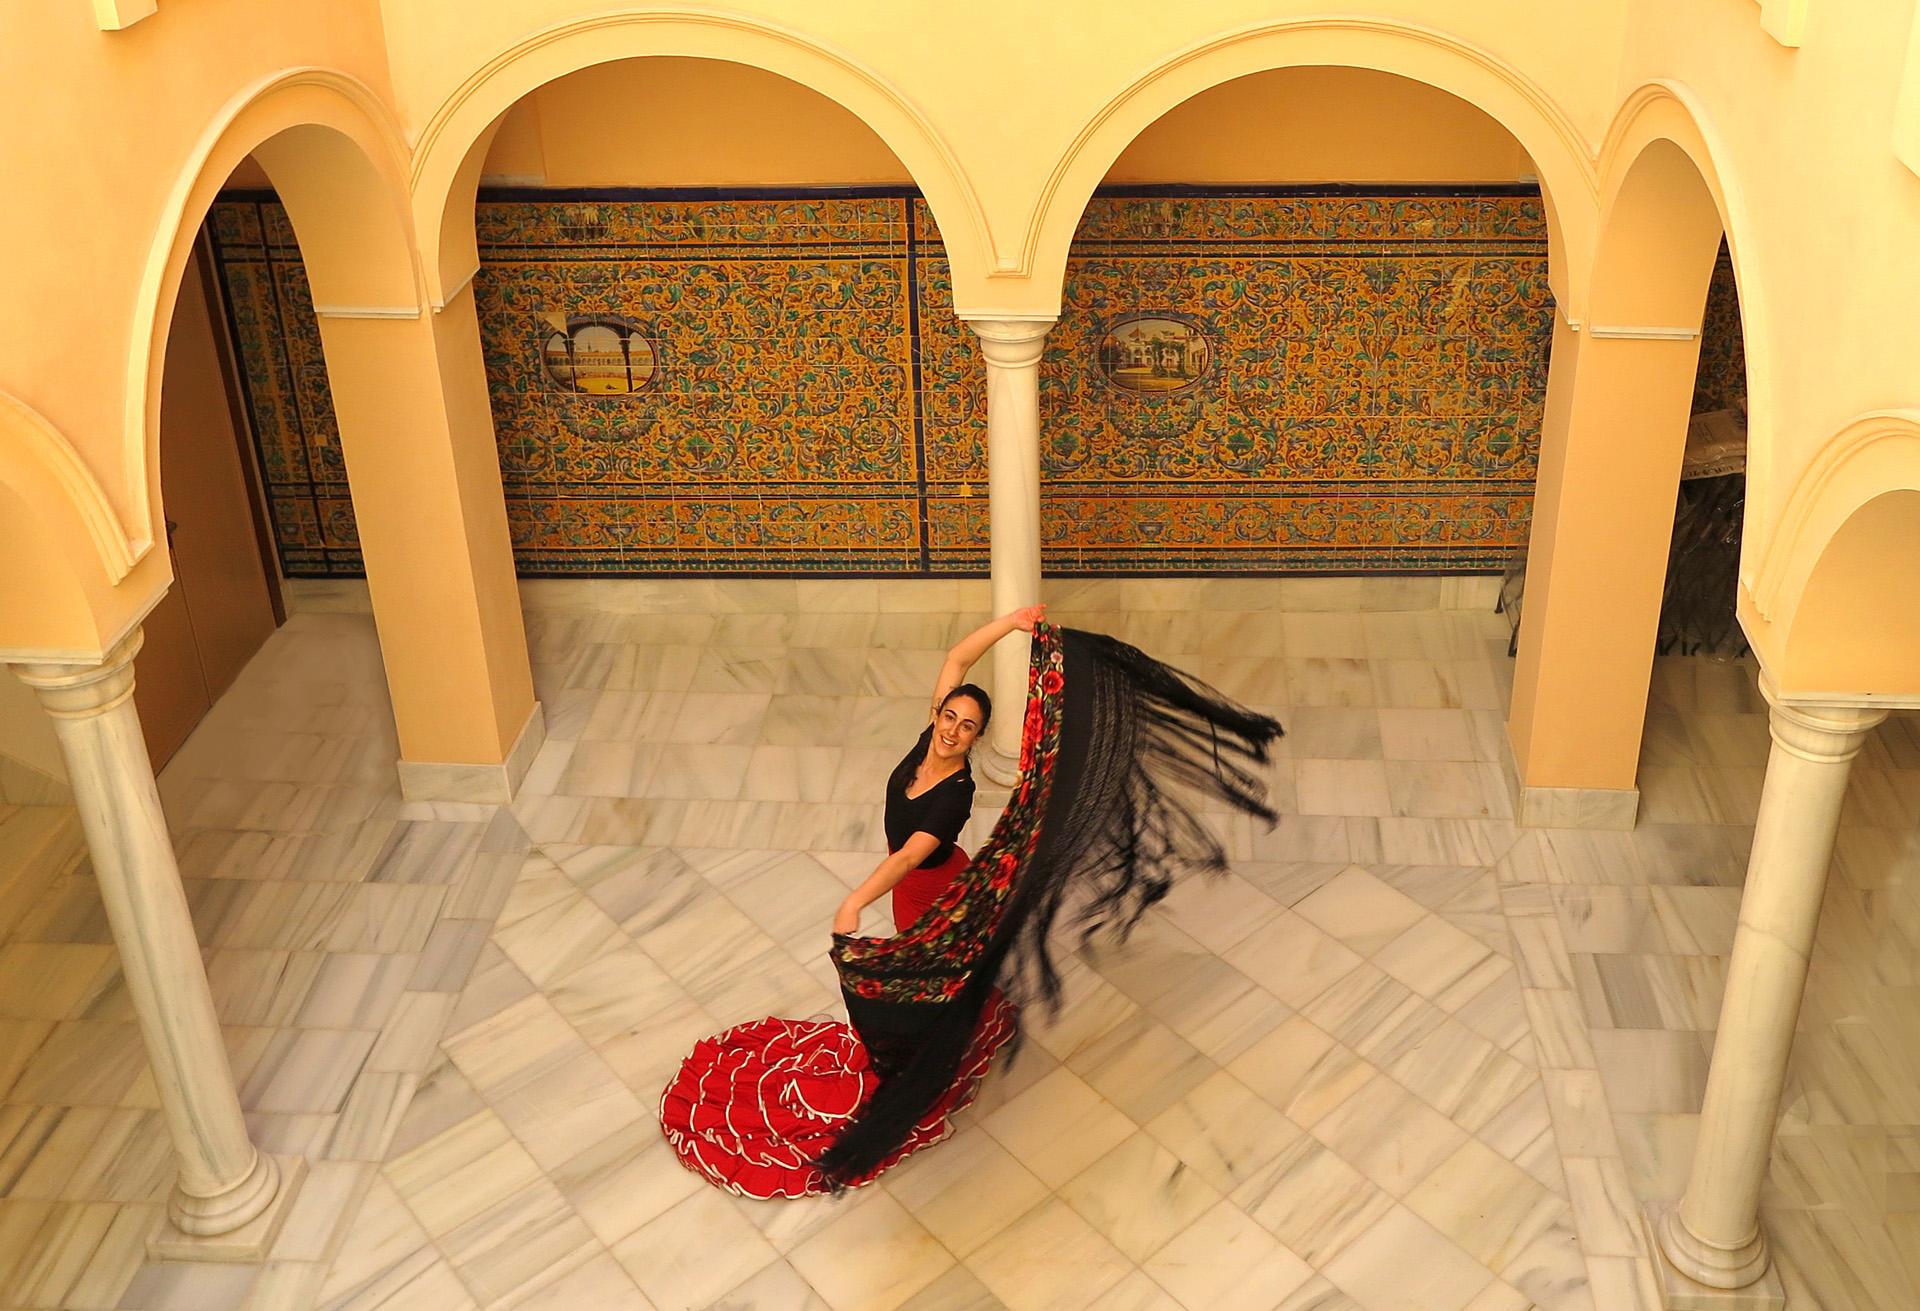 Jornada de Puertas abiertas en la Fundación Cristina Heeren para celebrar el Día del Flamenco 2017